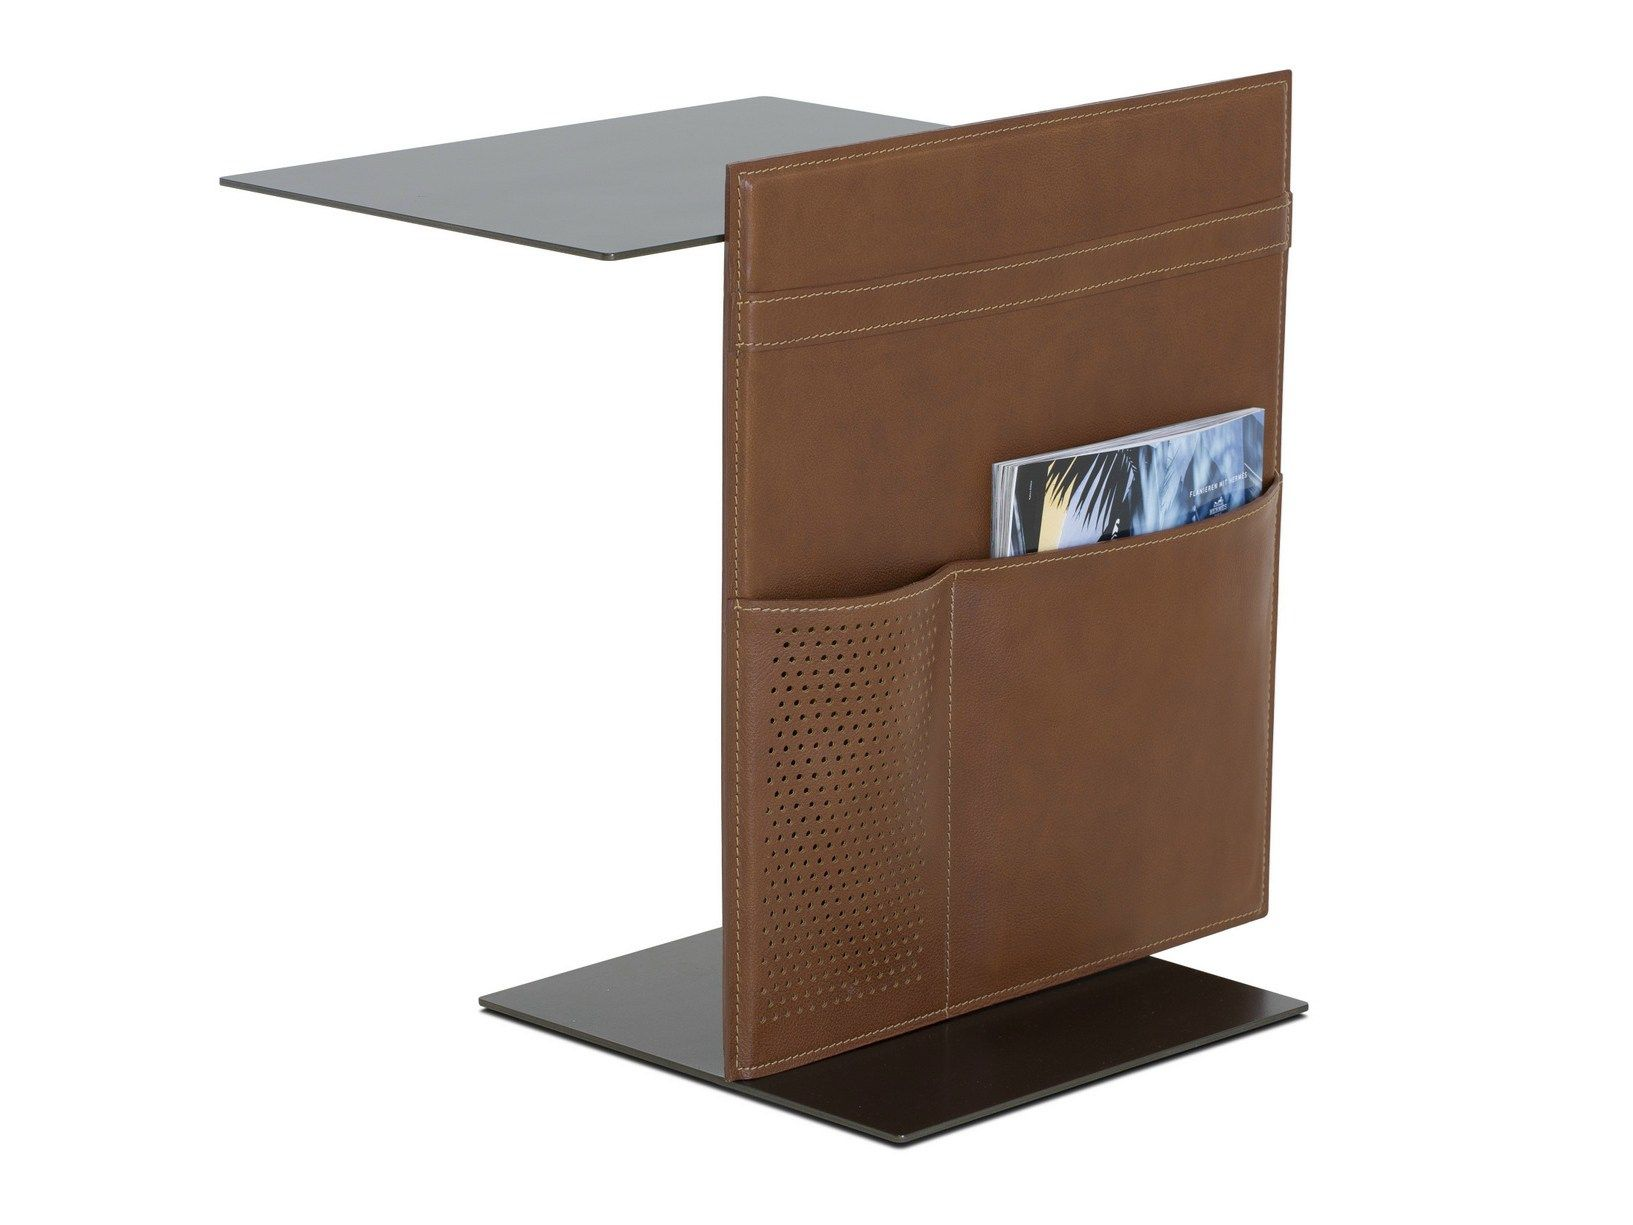 Tavolino metallo ~ Tavolino di servizio in metallo con portariviste note by lema